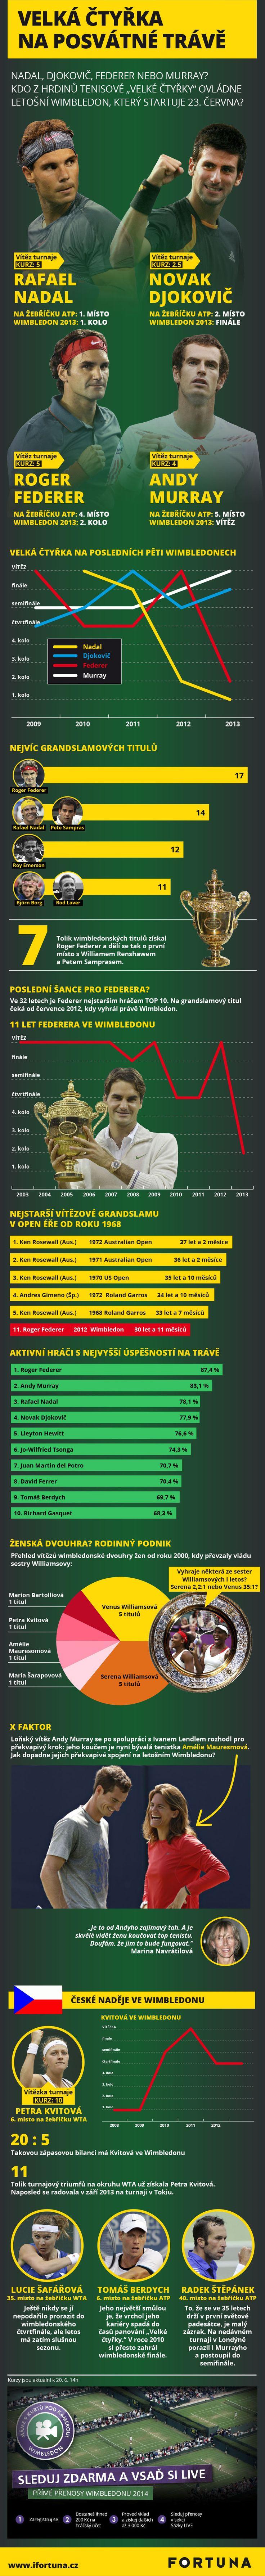 Infografika Tenisový Wimbledon. Kdo má největší šance?